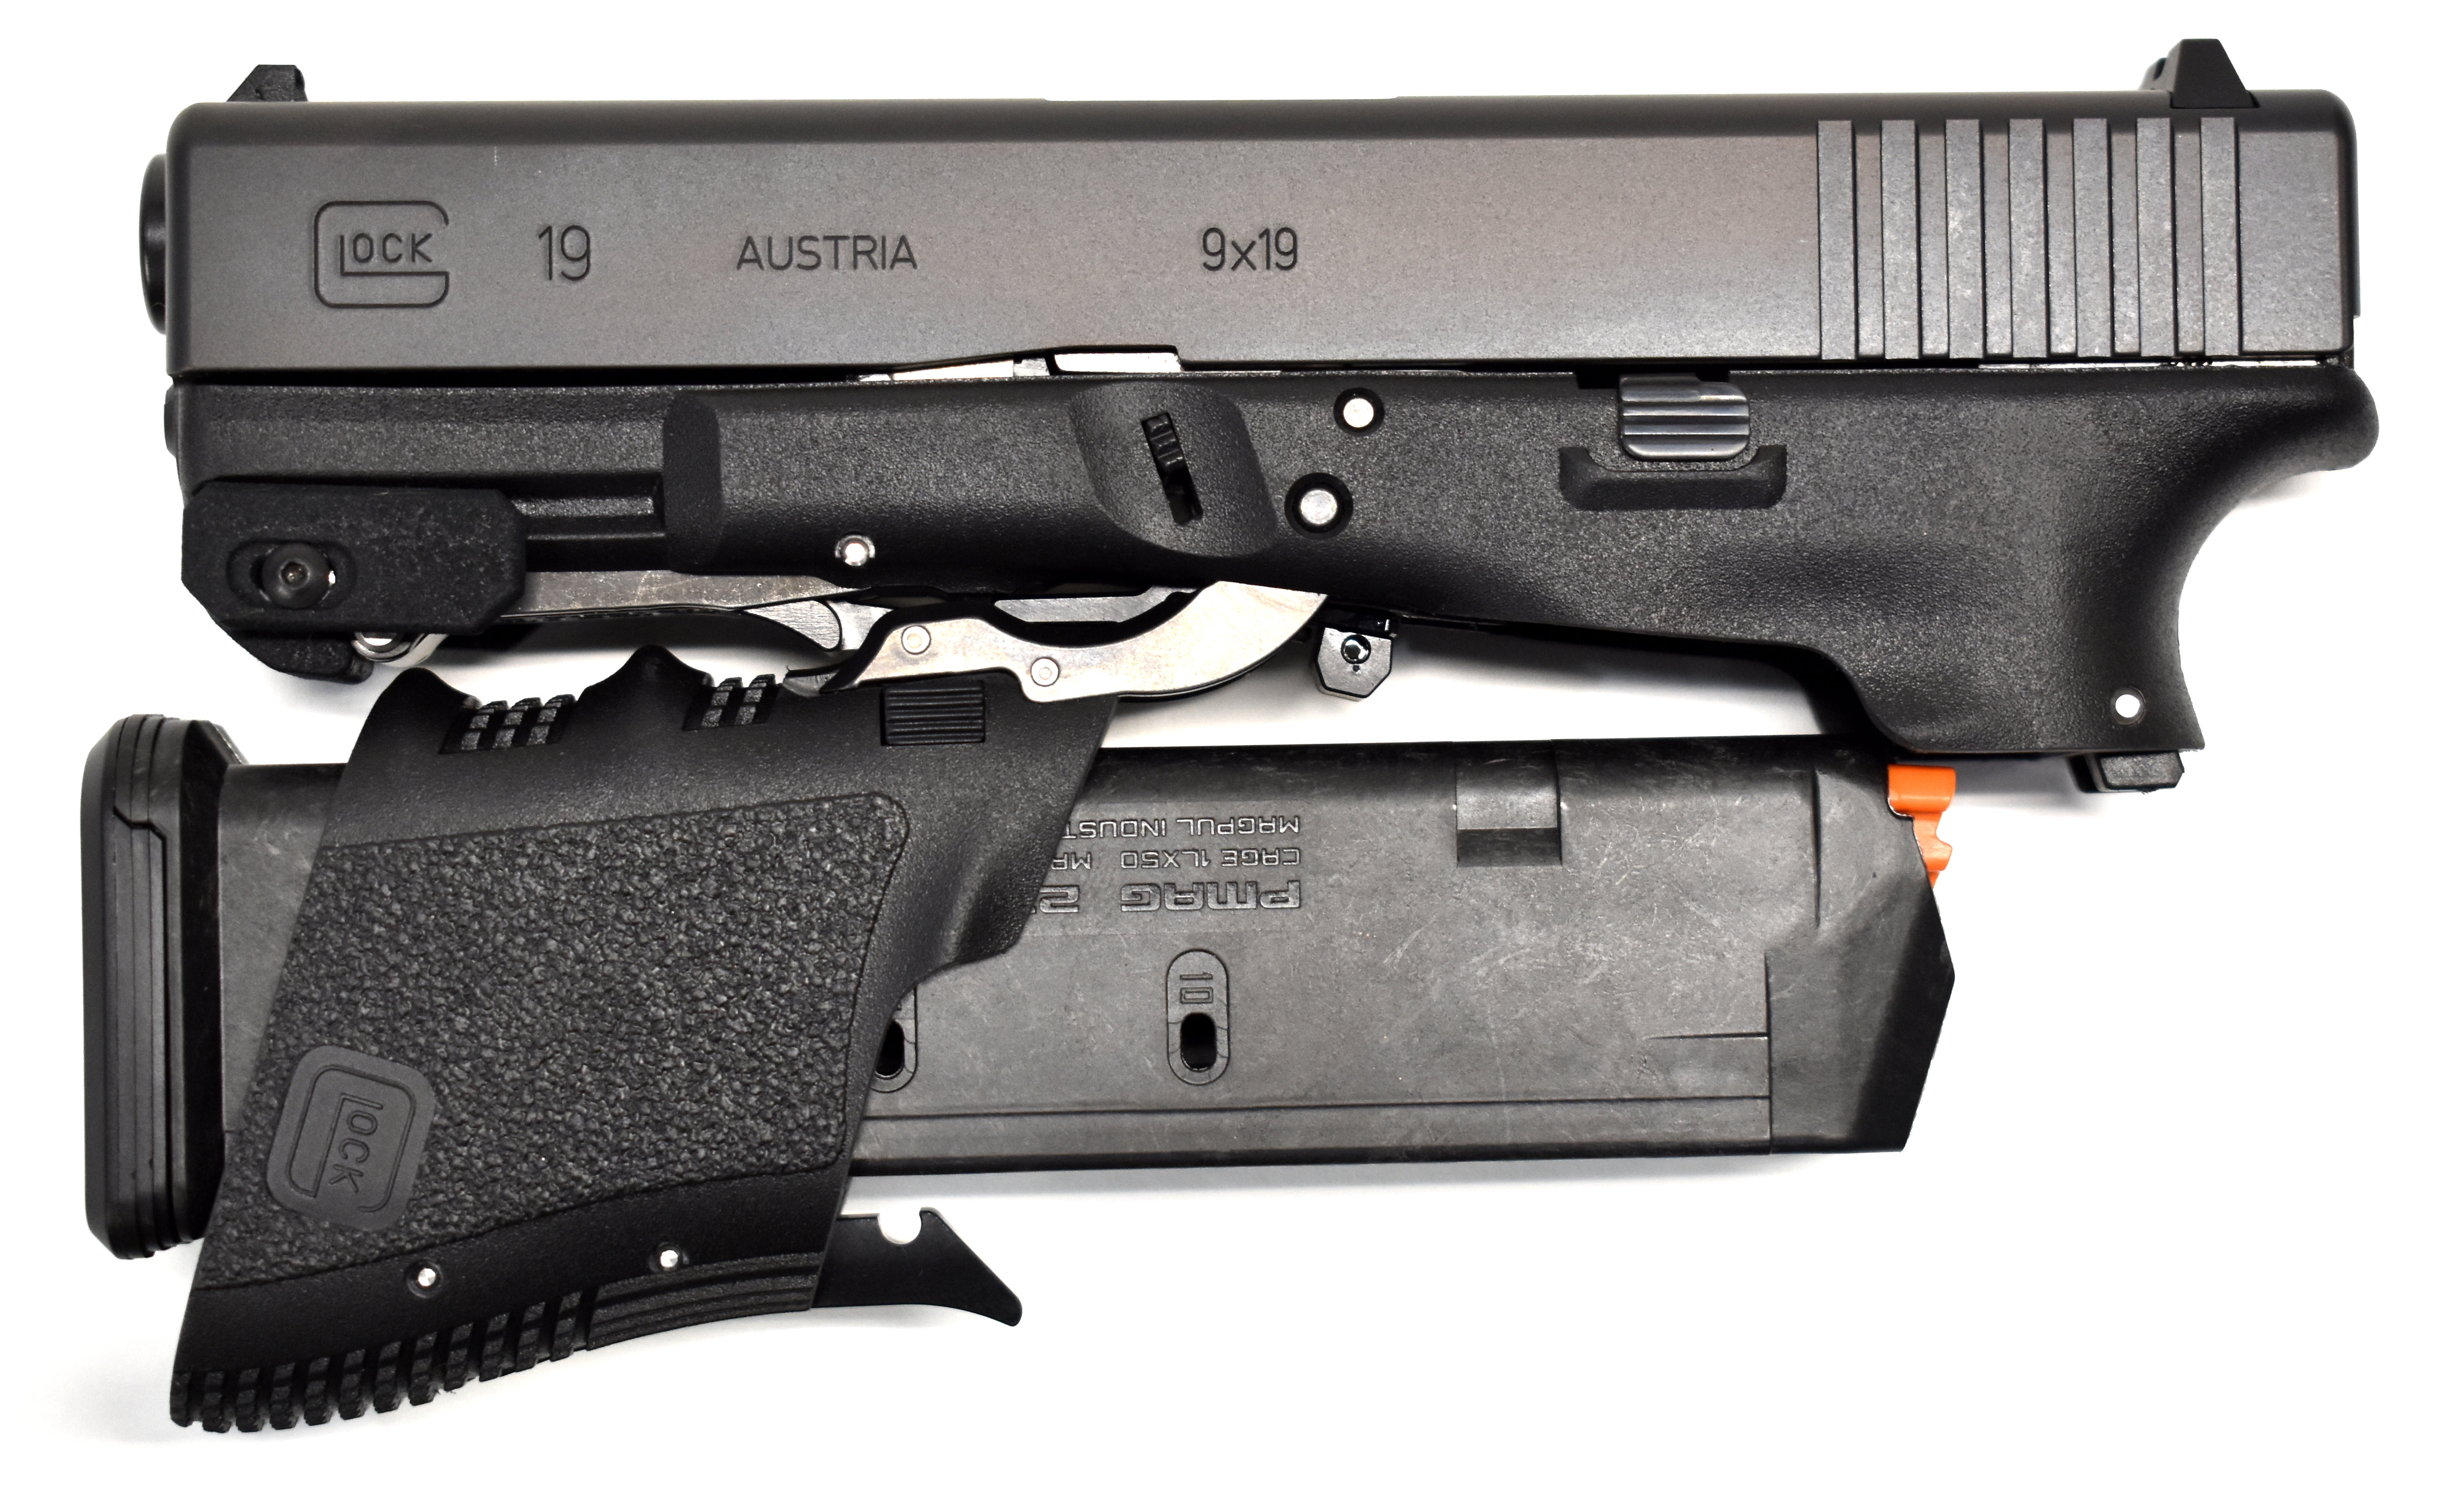 M3D Pistol - Glock 19 (Gen 3) Pistol w/ M3D Modification